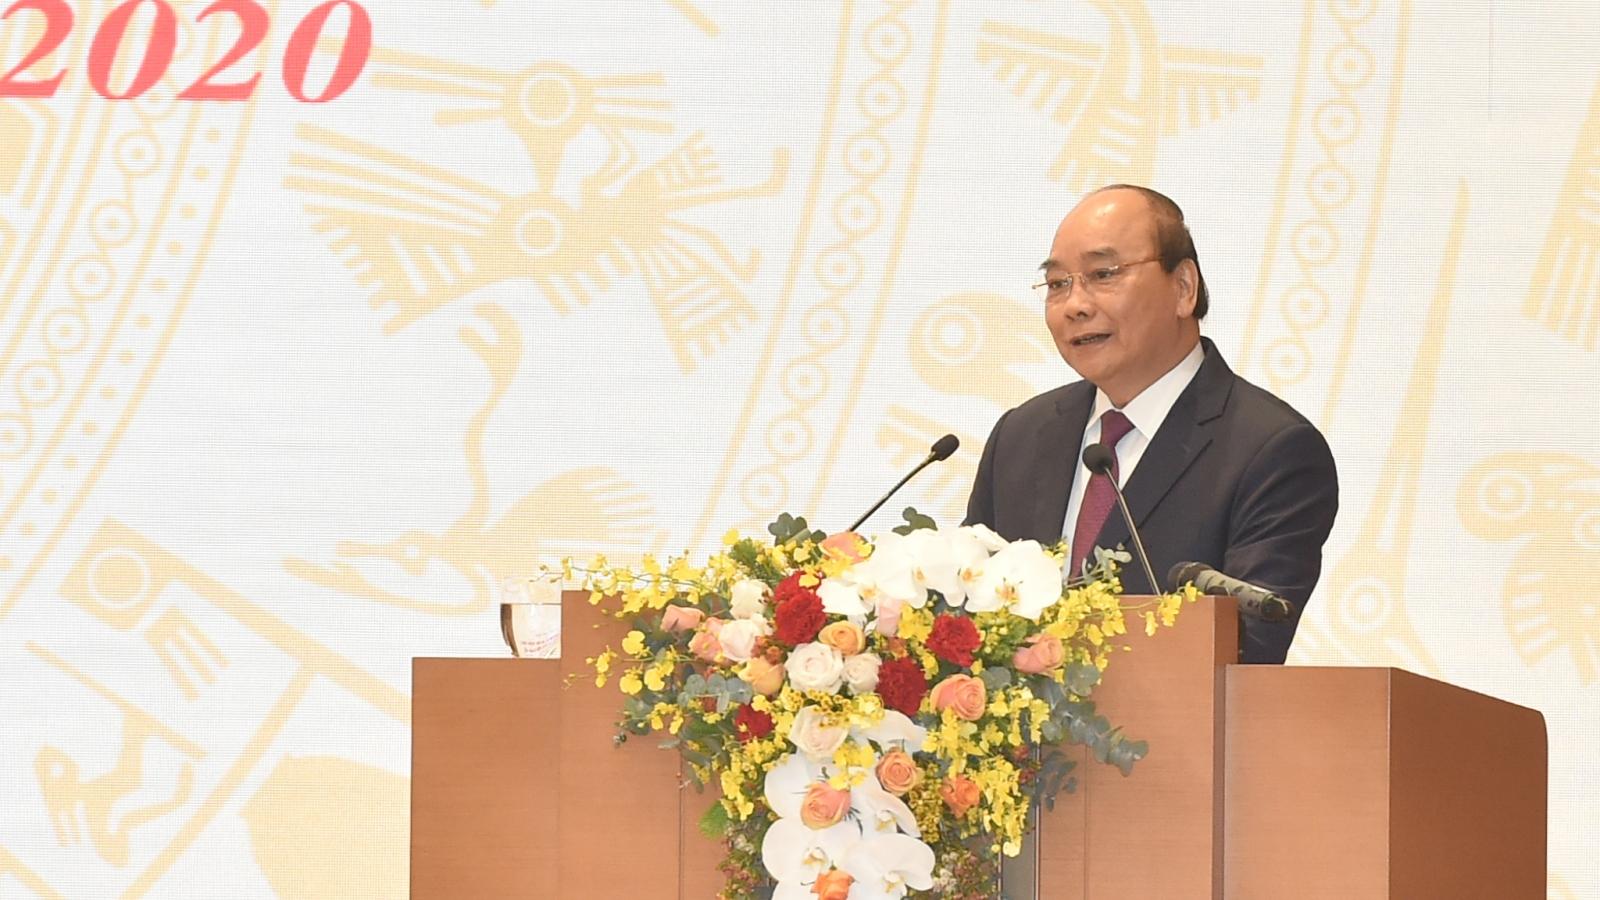 Toàn văn phát biểu của Thủ tướng tại cuộc họp trực tuyến Chính phủ với 63 địa phương